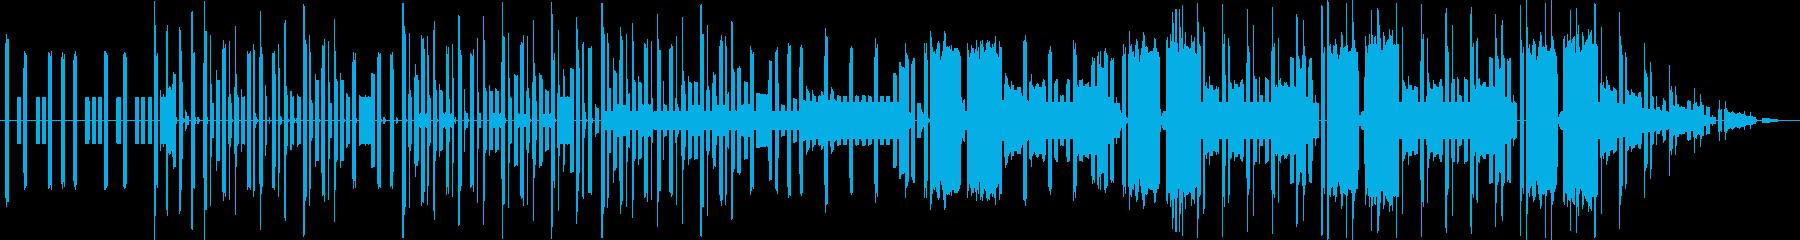 ファミコンサウンドのエレクトロの再生済みの波形